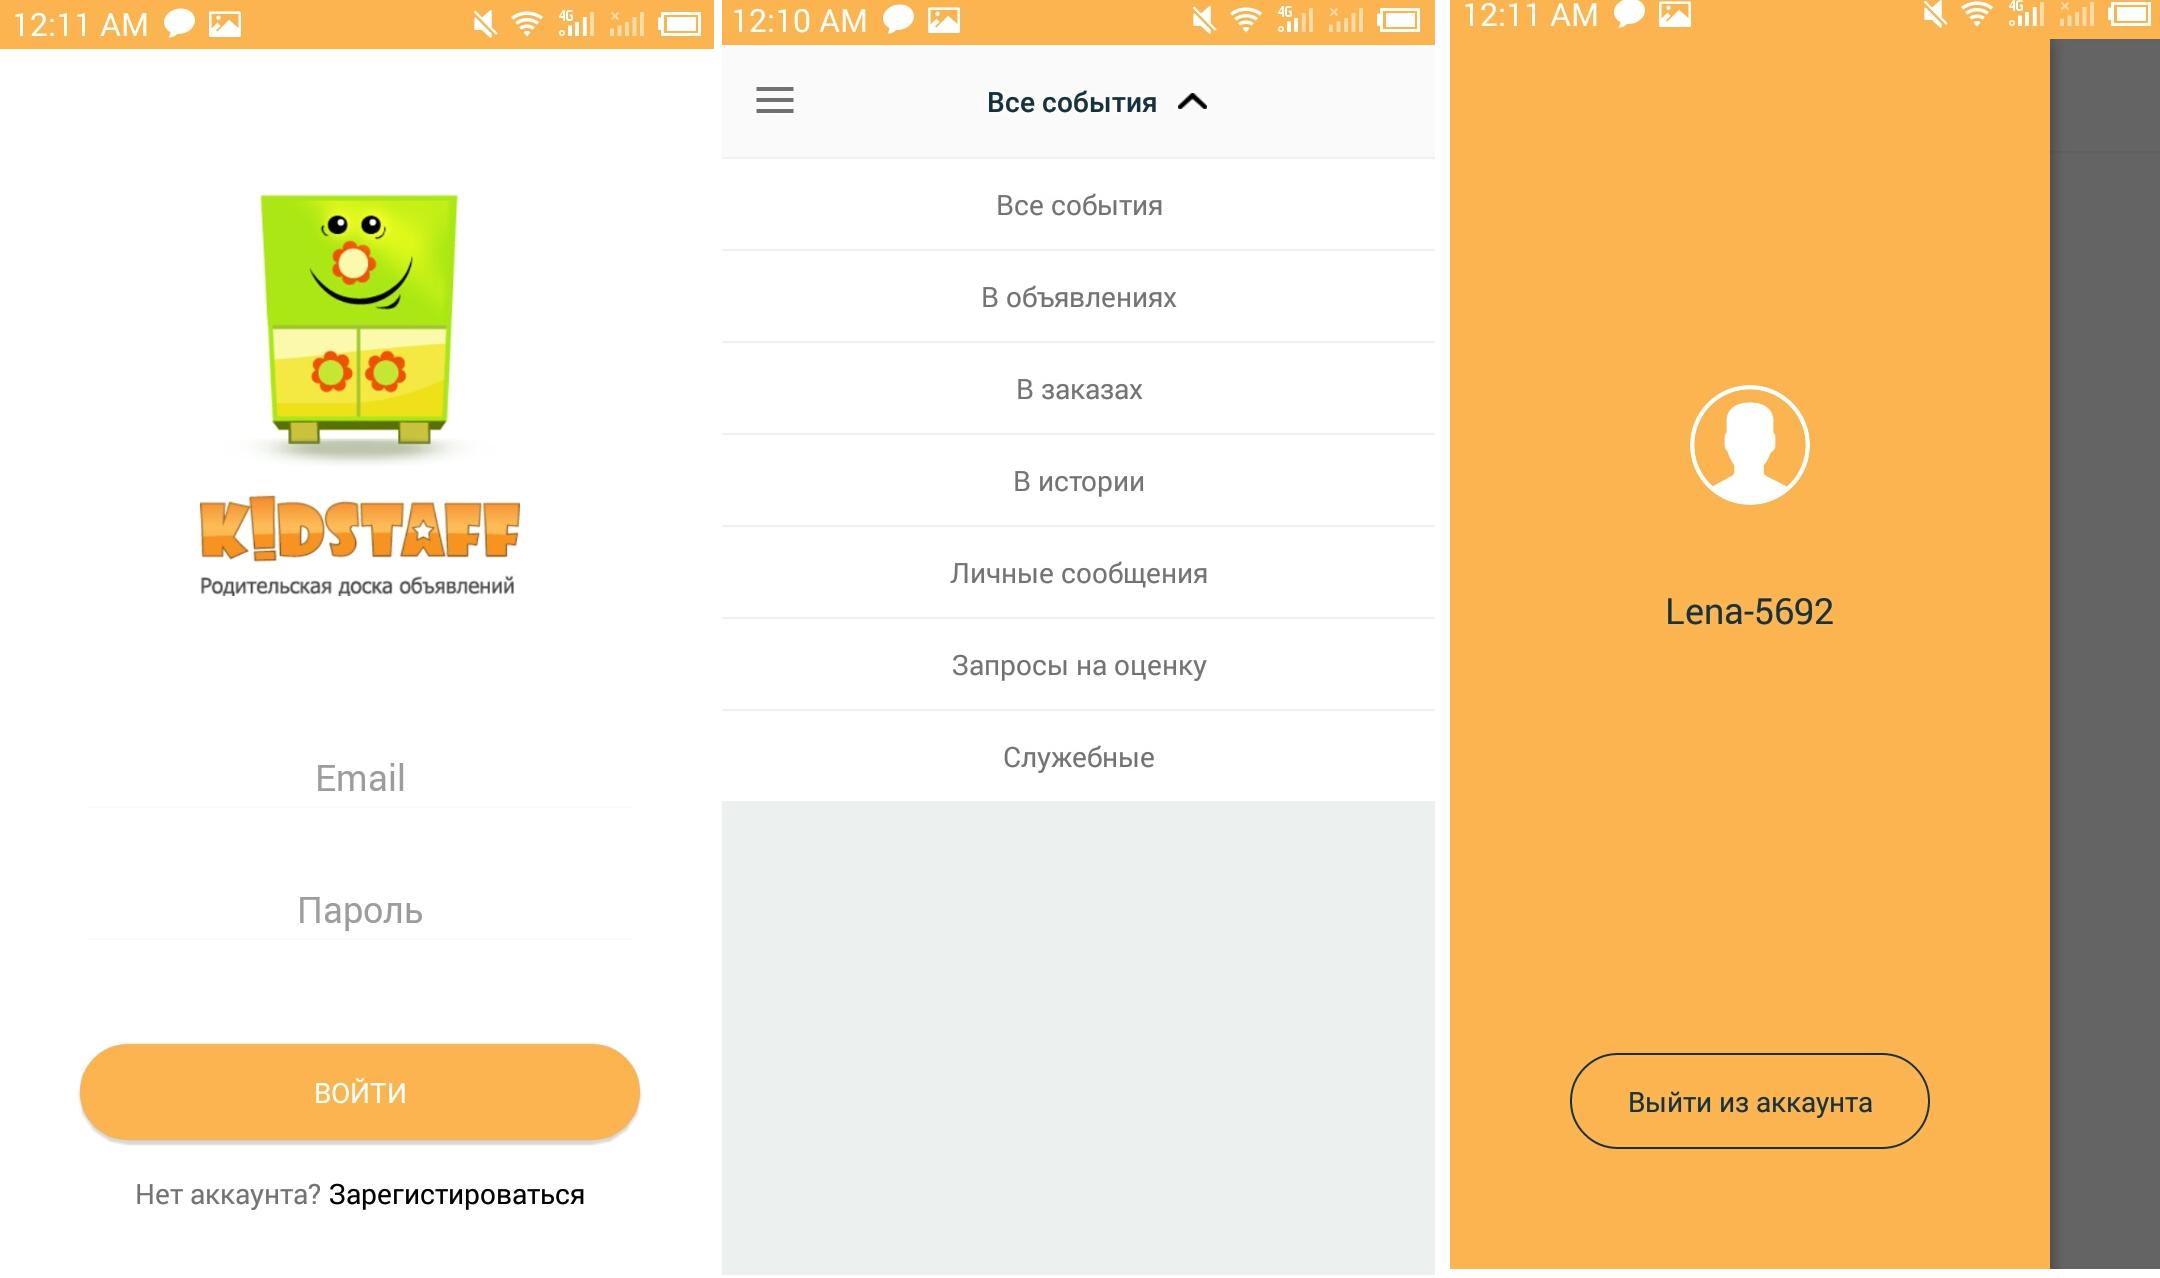 Мобильные приложения для шопинга  обзор   EVO.Business 6843f3be28a